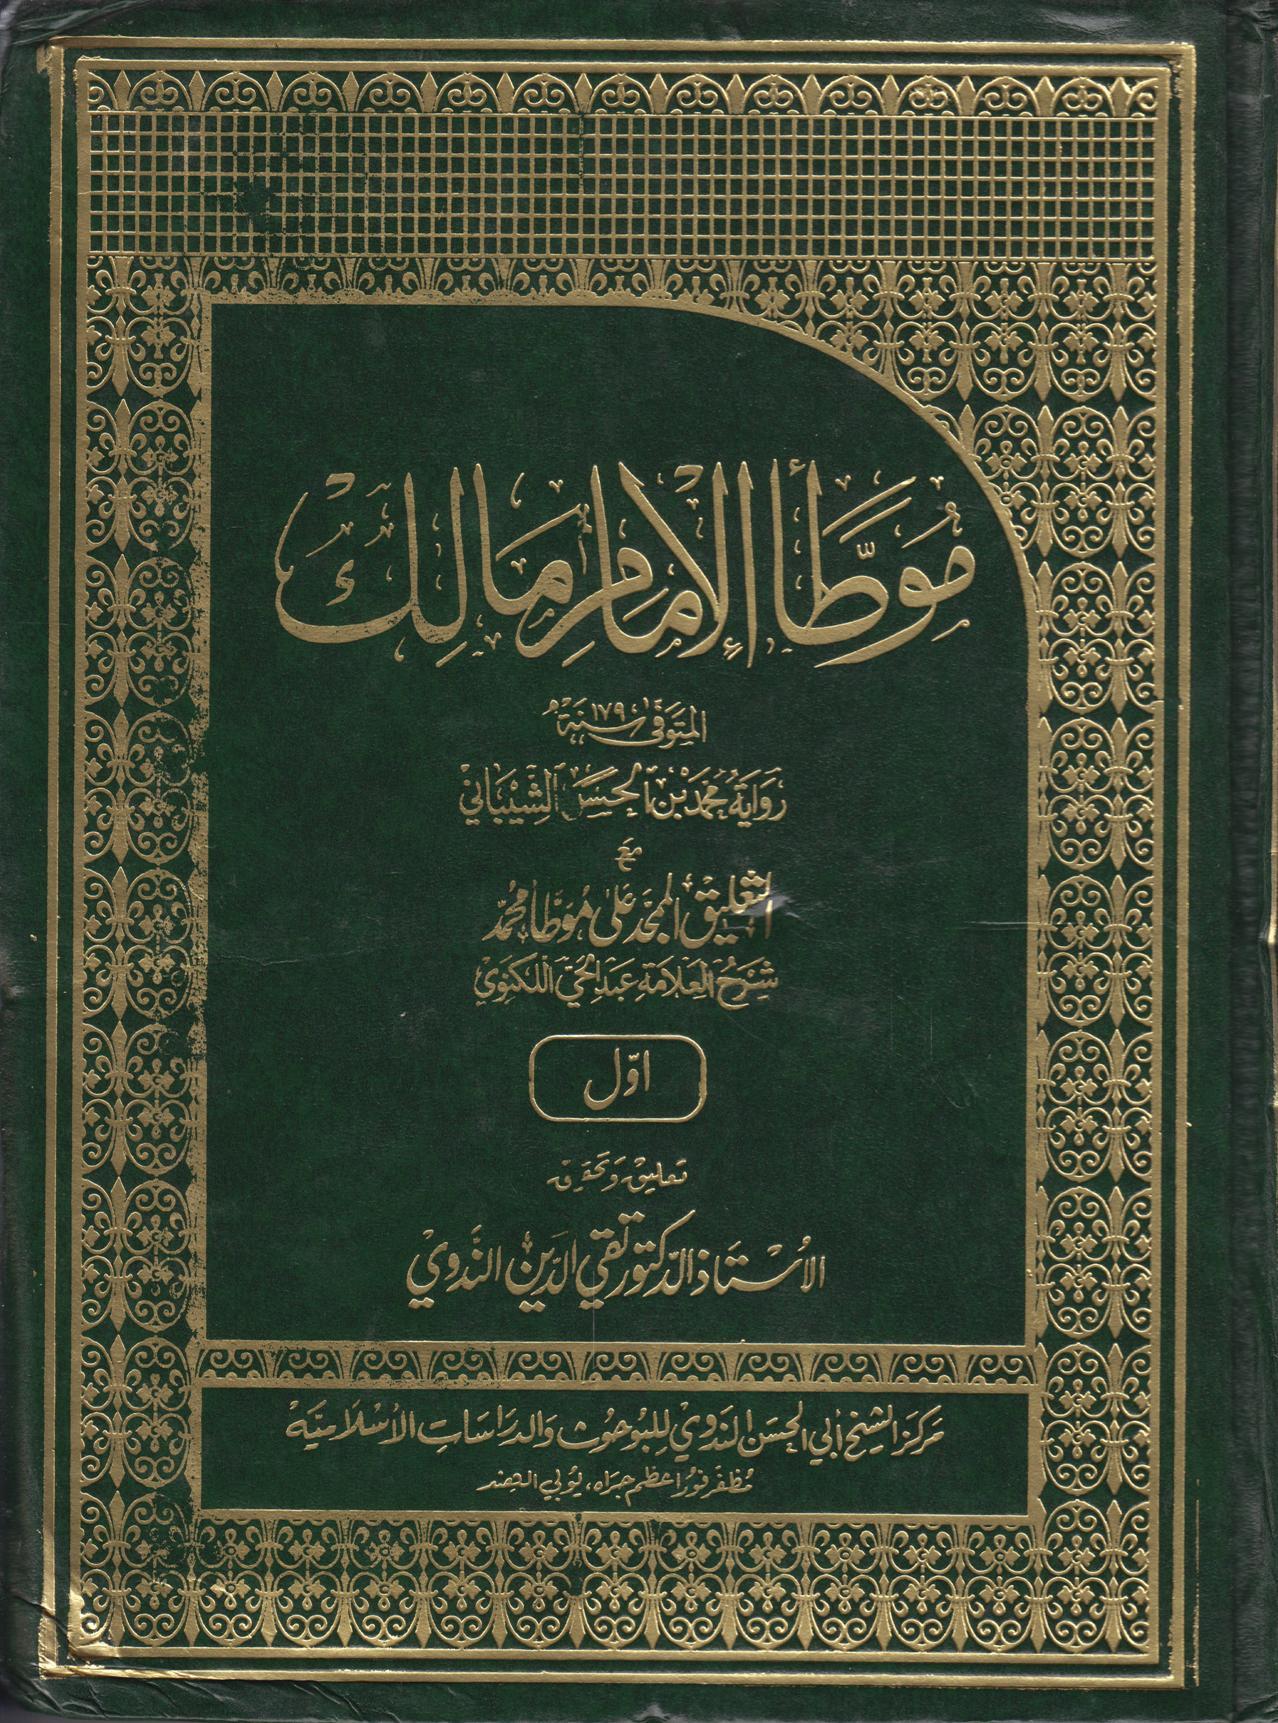 7d04ebfd8f0f6 3 vols) موطأ الإمام مالك – Qurtuba Books